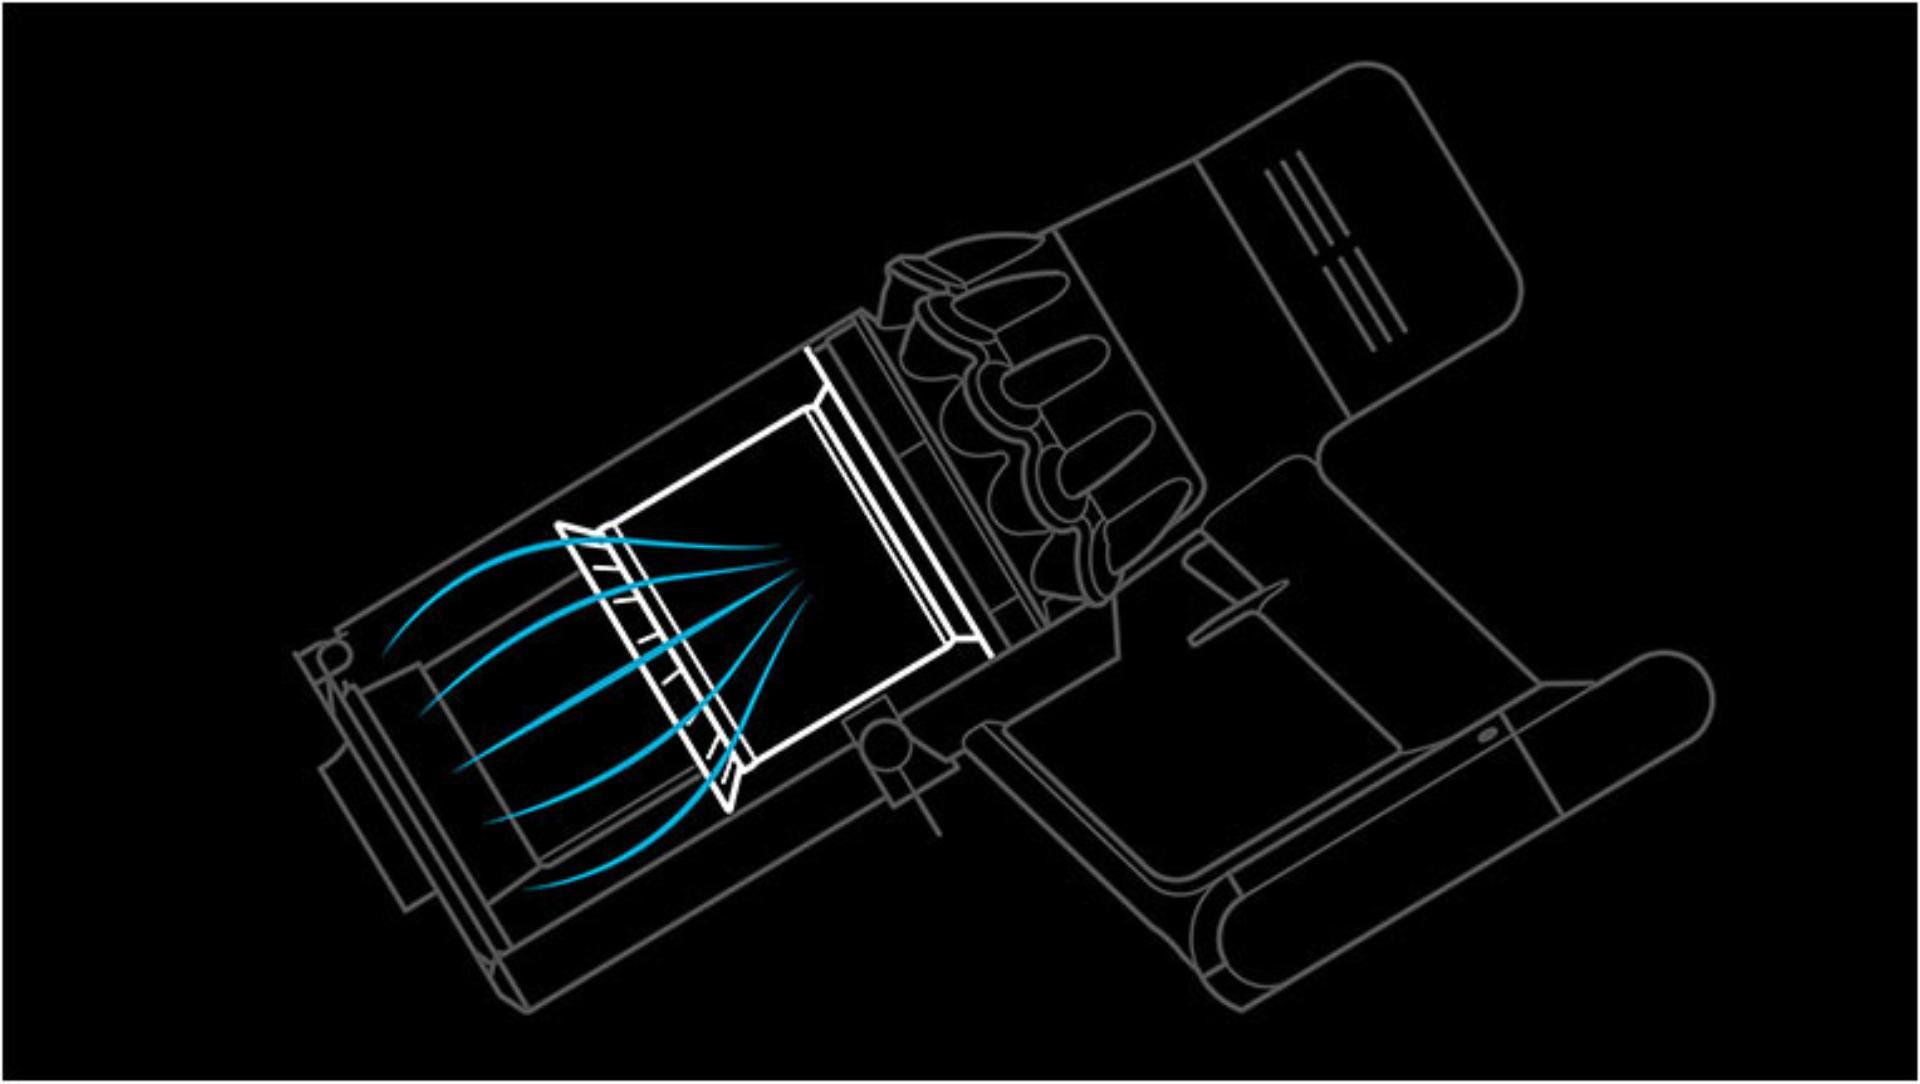 제품 전체에 적용된 다이슨 6단계 고성능 필터레이션 시스템